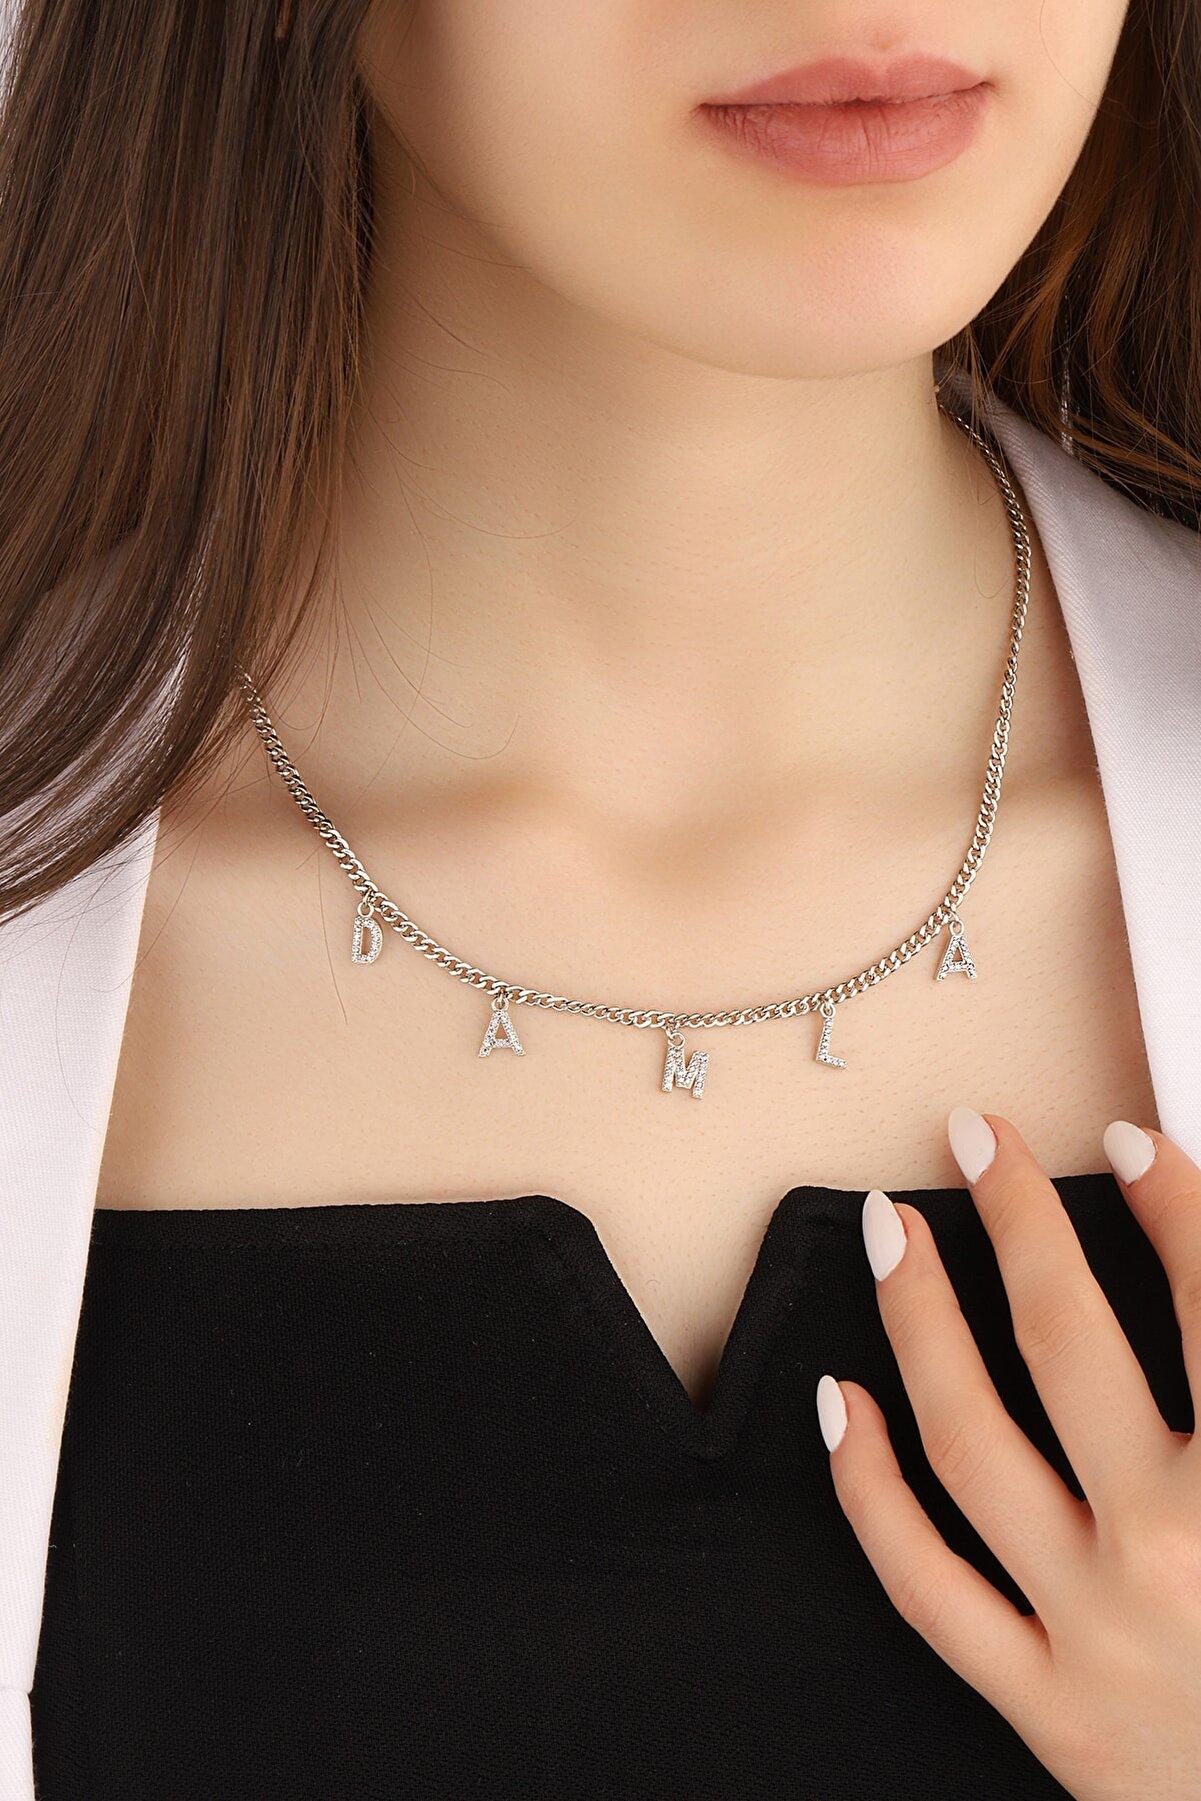 Lia Berto Kadın Gurmet Zincirli 925 Ayar Gümüş Isim Kolye